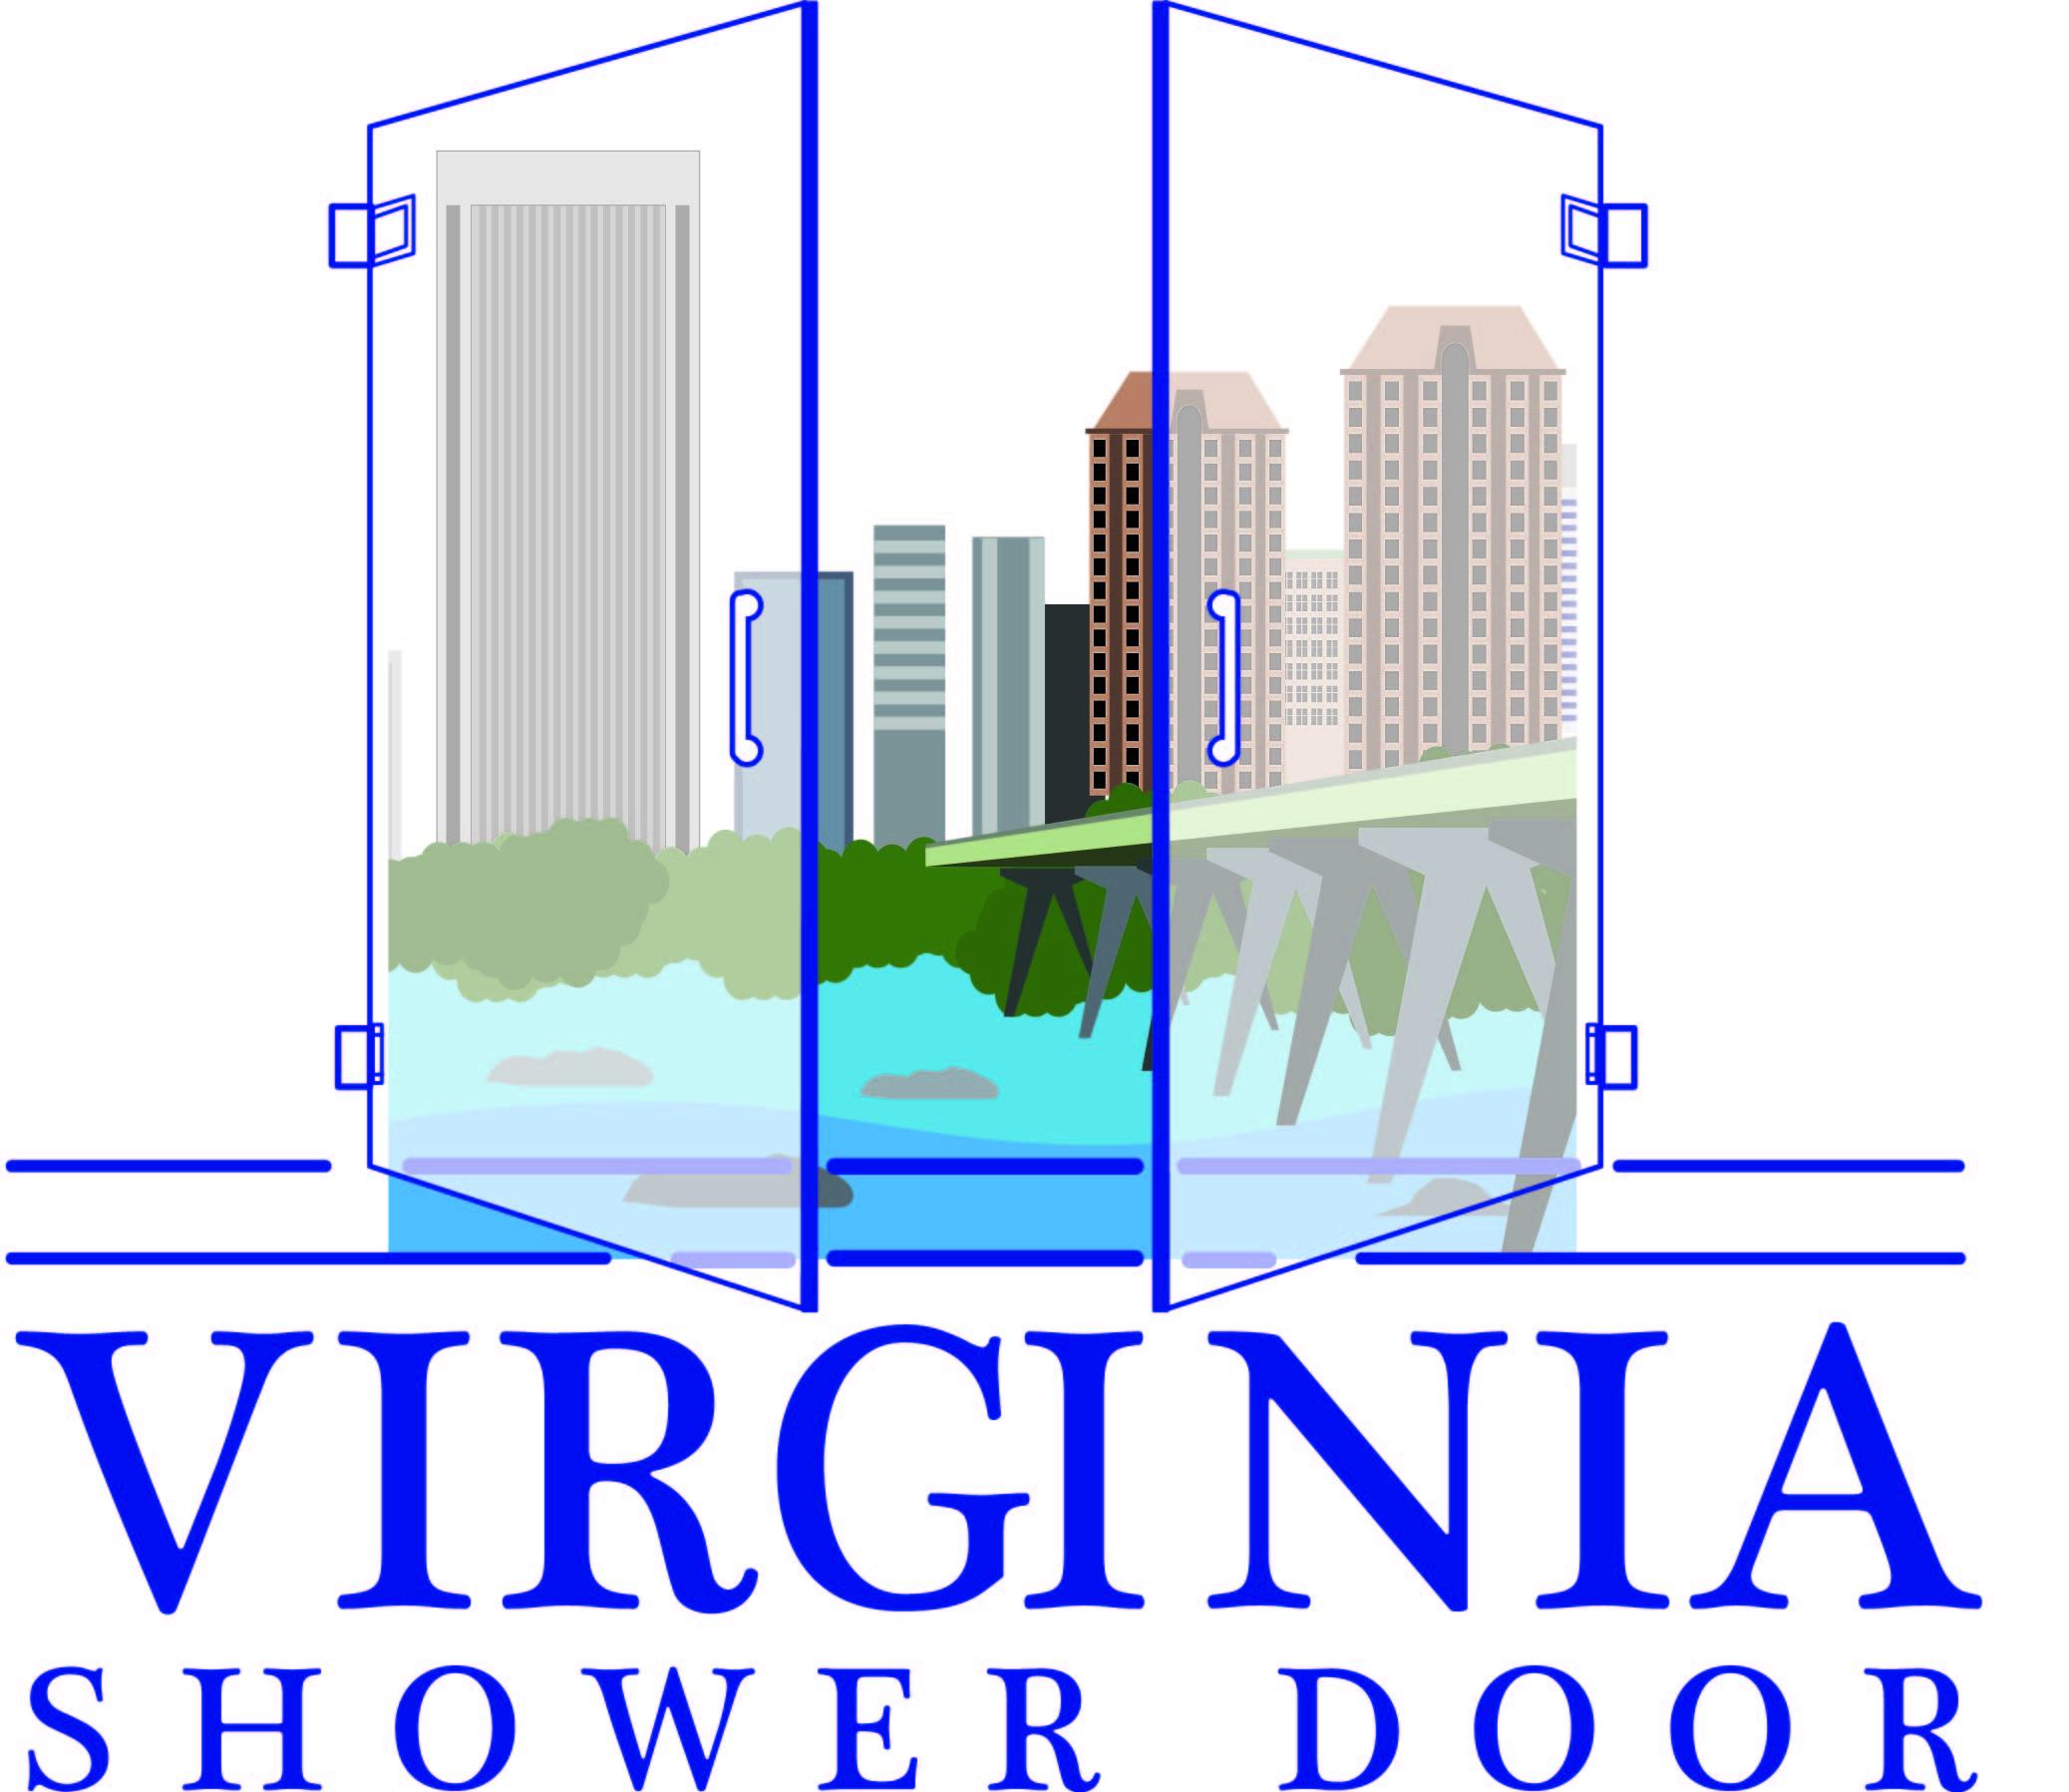 Va Shower Door Logo Revised Virginia Shower Door Llc